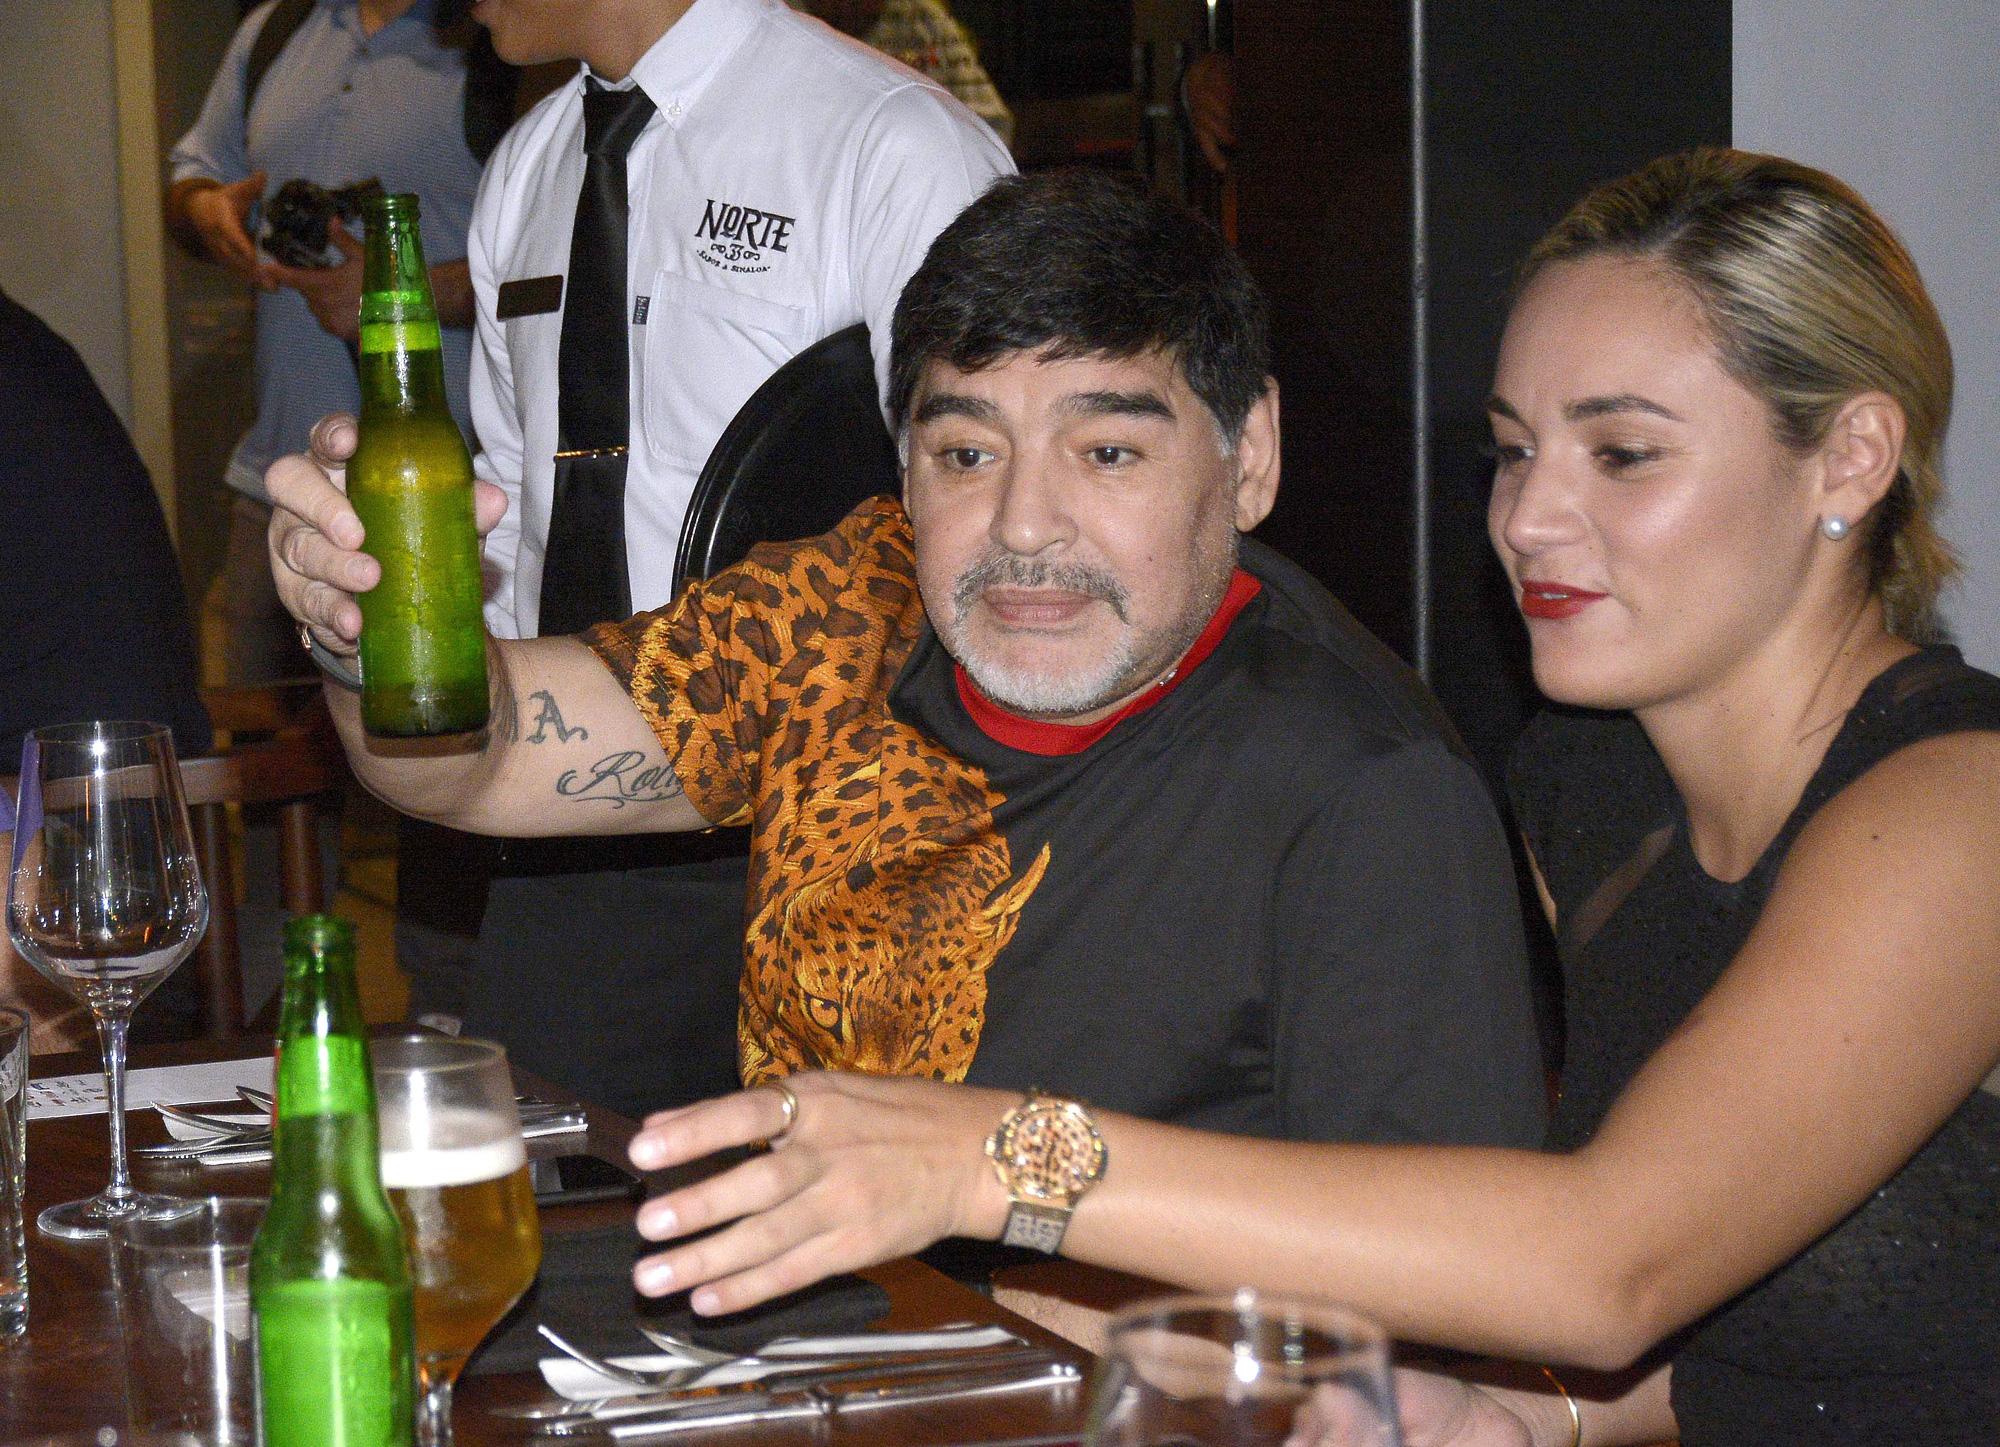 Cuộc đời Maradona qua ảnh: Đầy vinh quang nhưng cũng lắm tranh cãi - Ảnh 11.